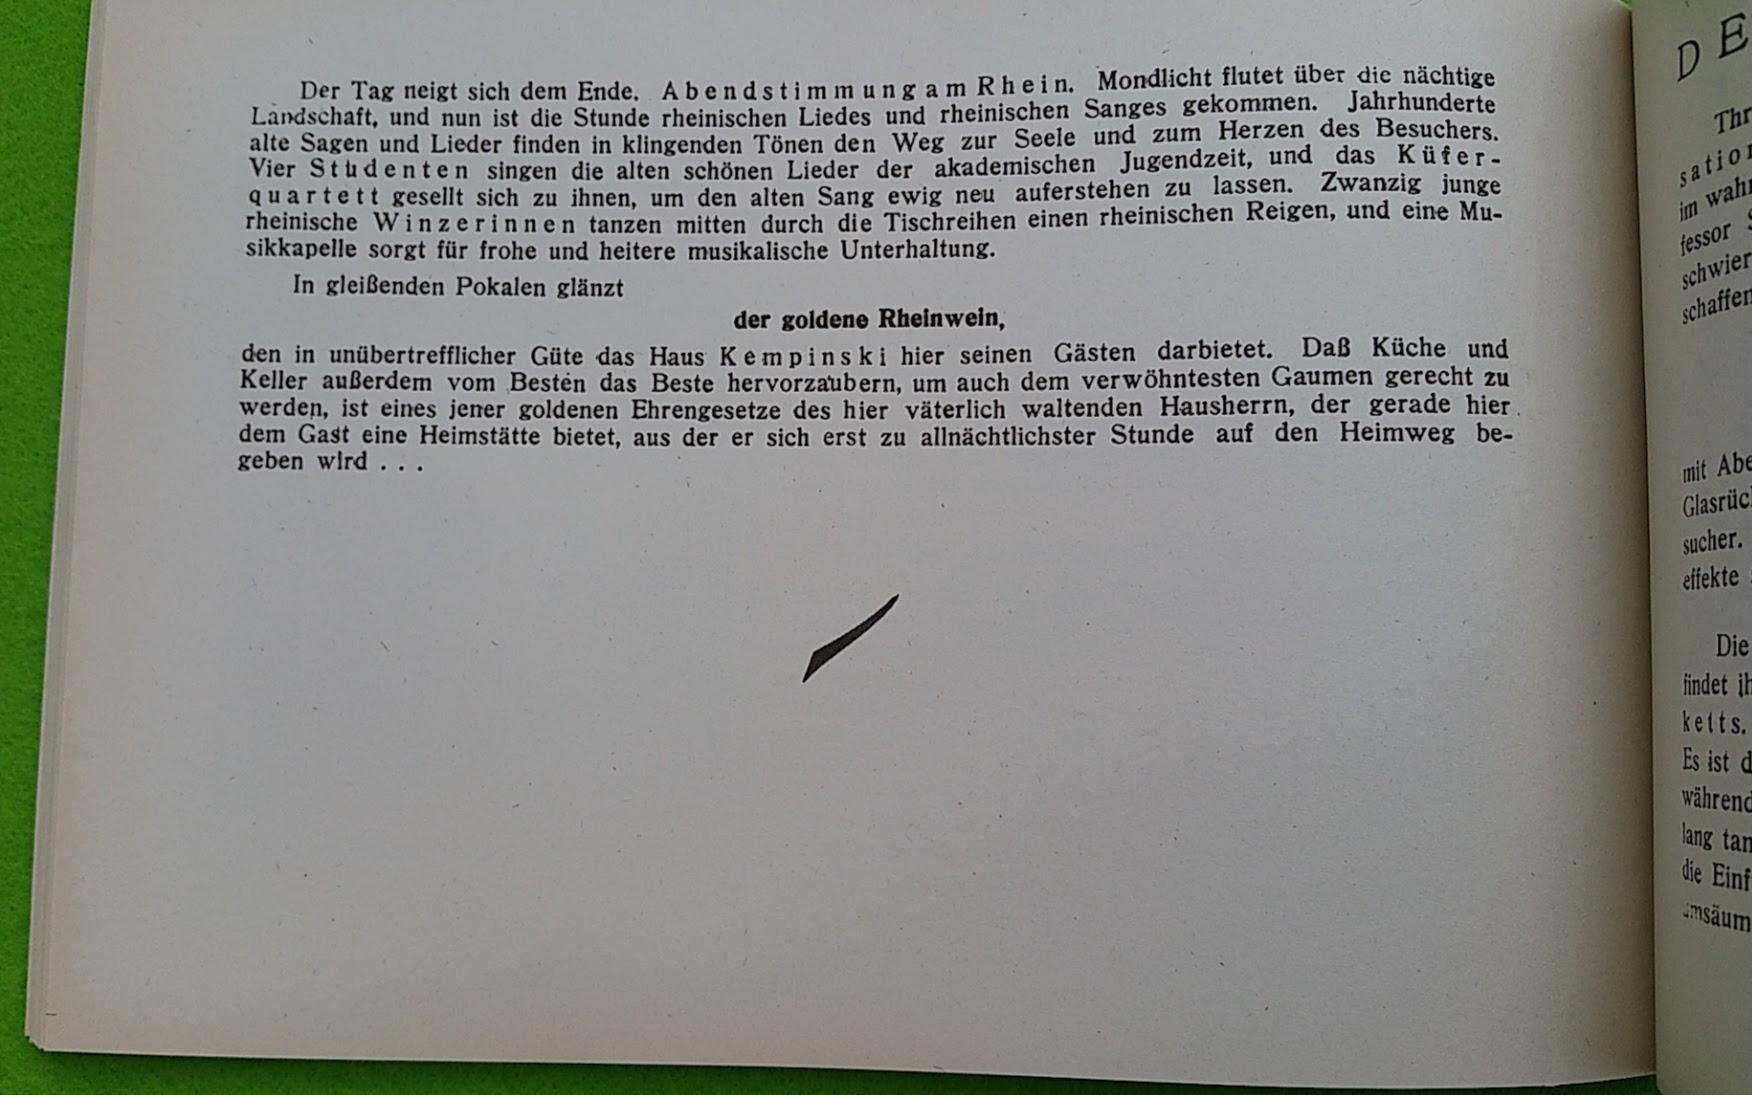 Begleitheft zur Eröffnung von Haus Vaterland am Potsdamer Platz, Berlin, 31. August 1928 - Kempinski-Rheinterrasse